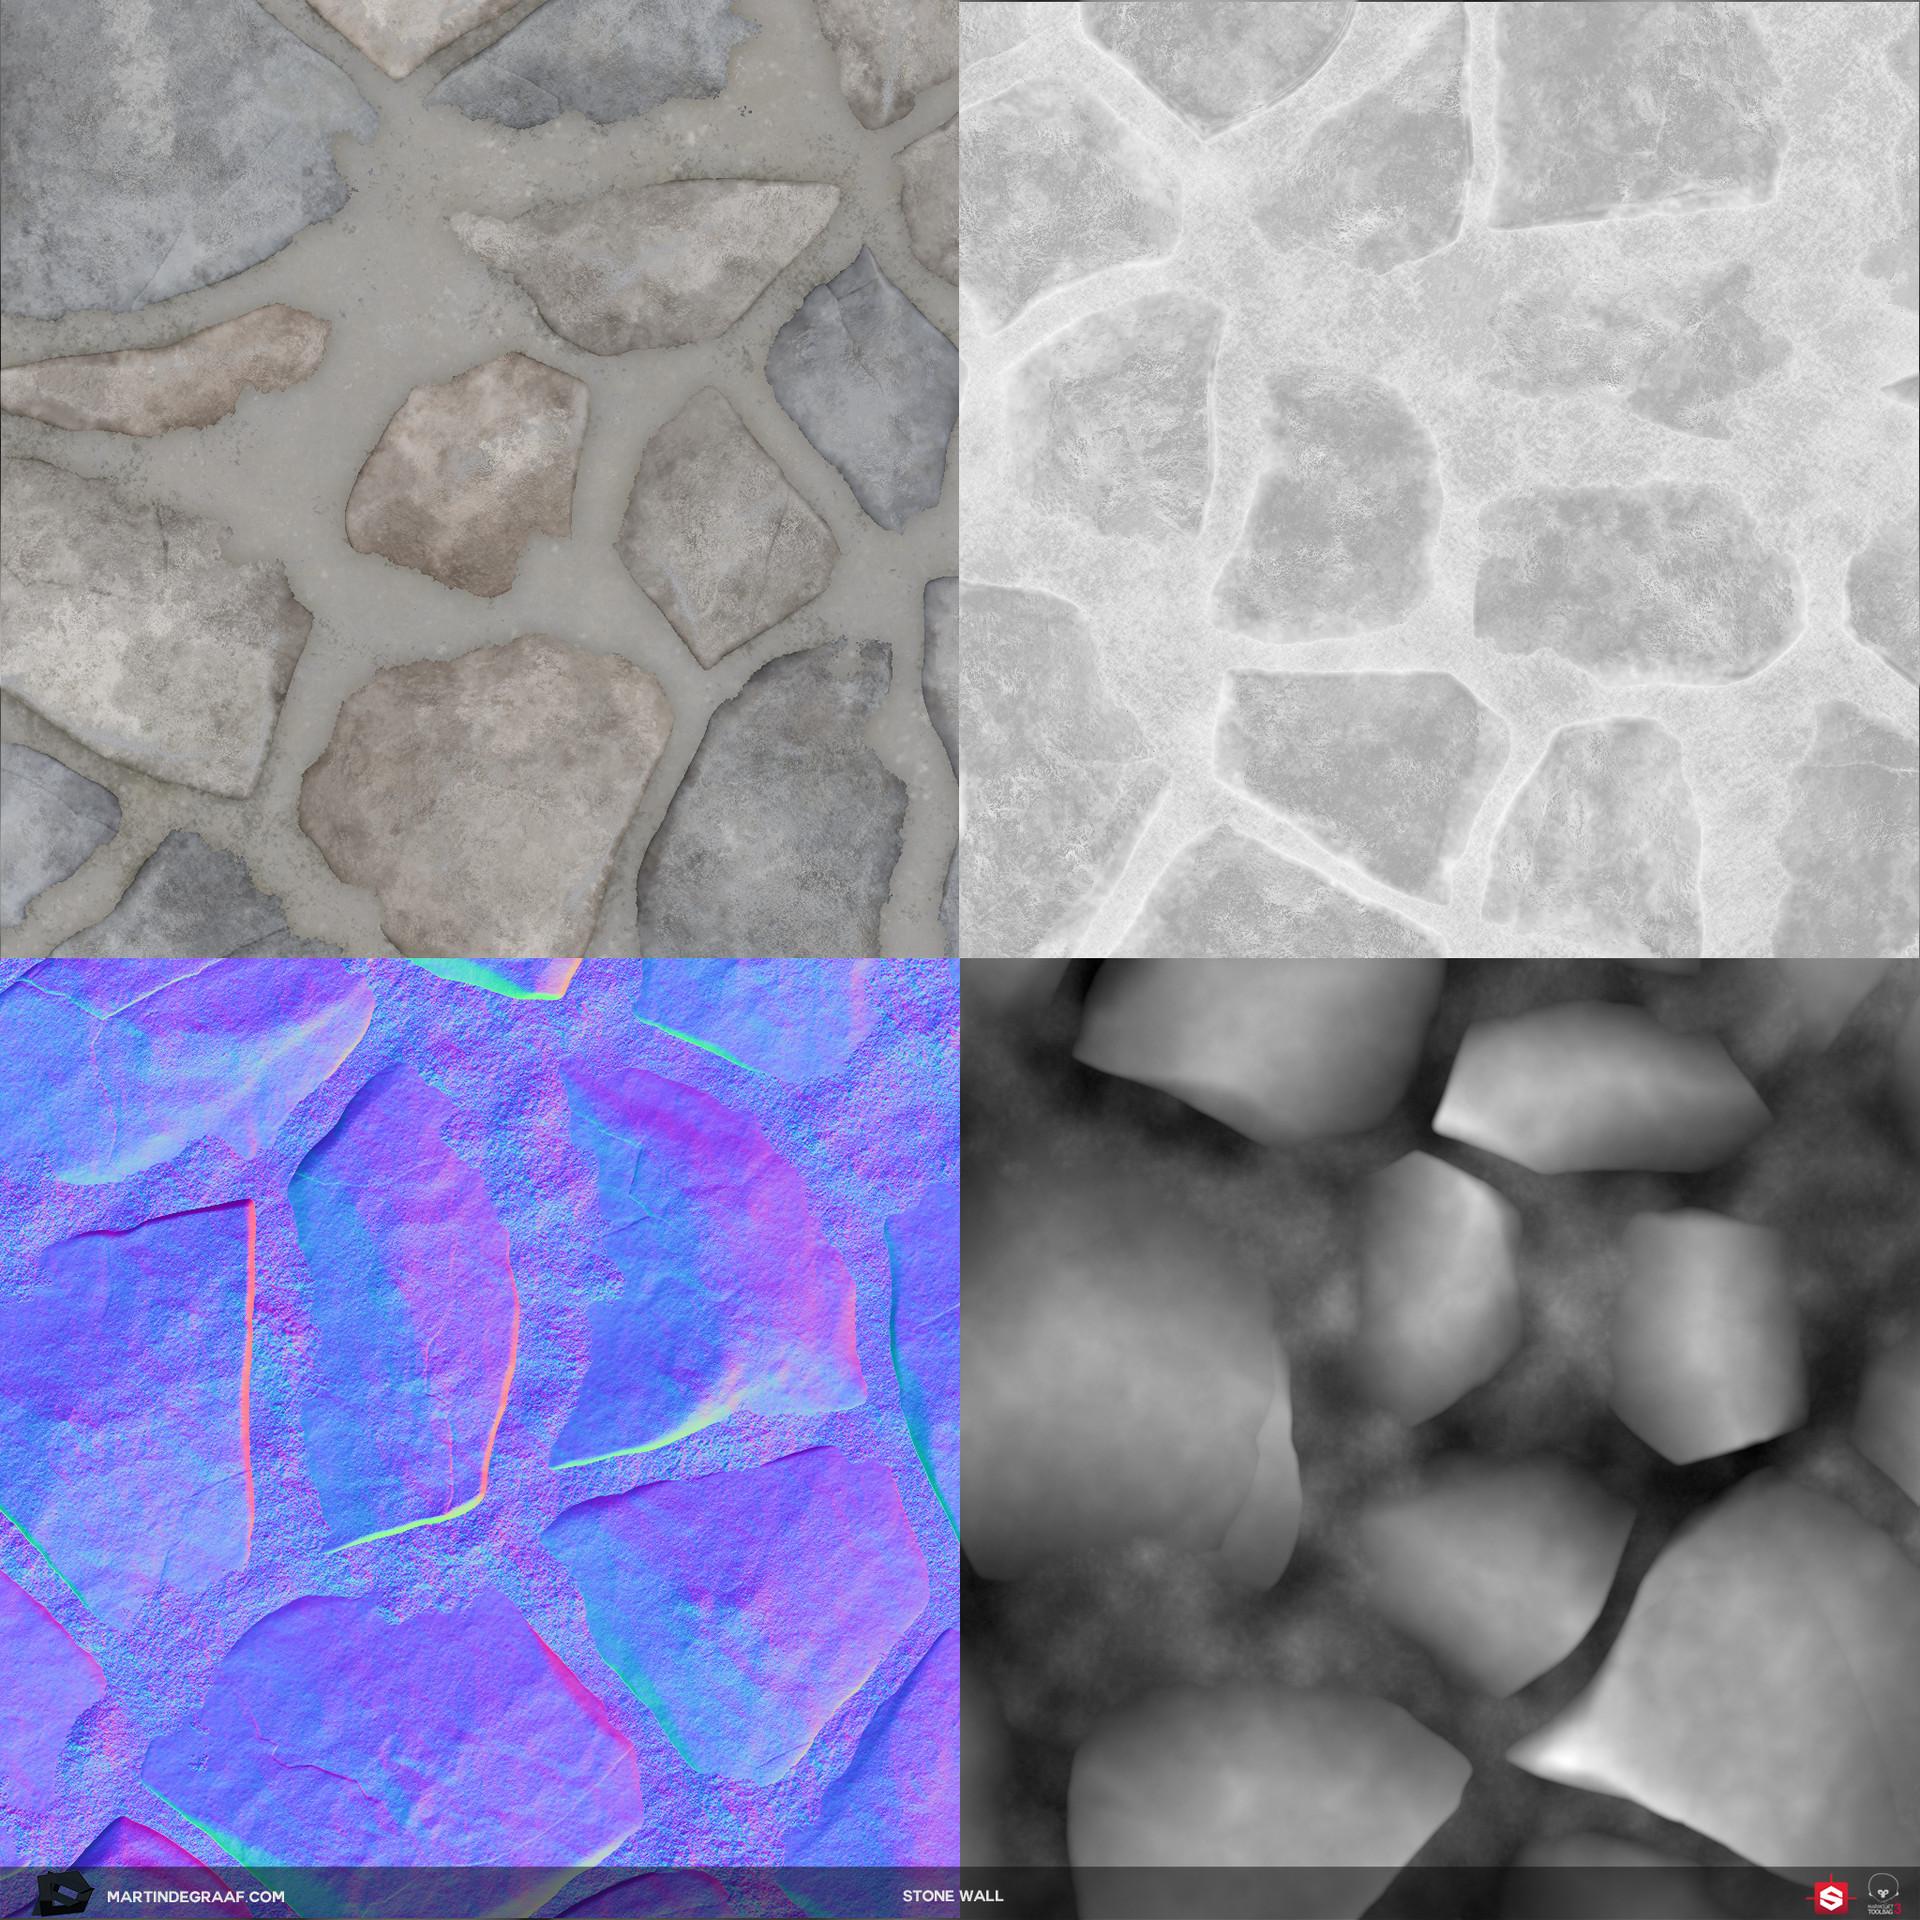 Martin de graaf stone wall substance texturesheet martin de graaf 2017